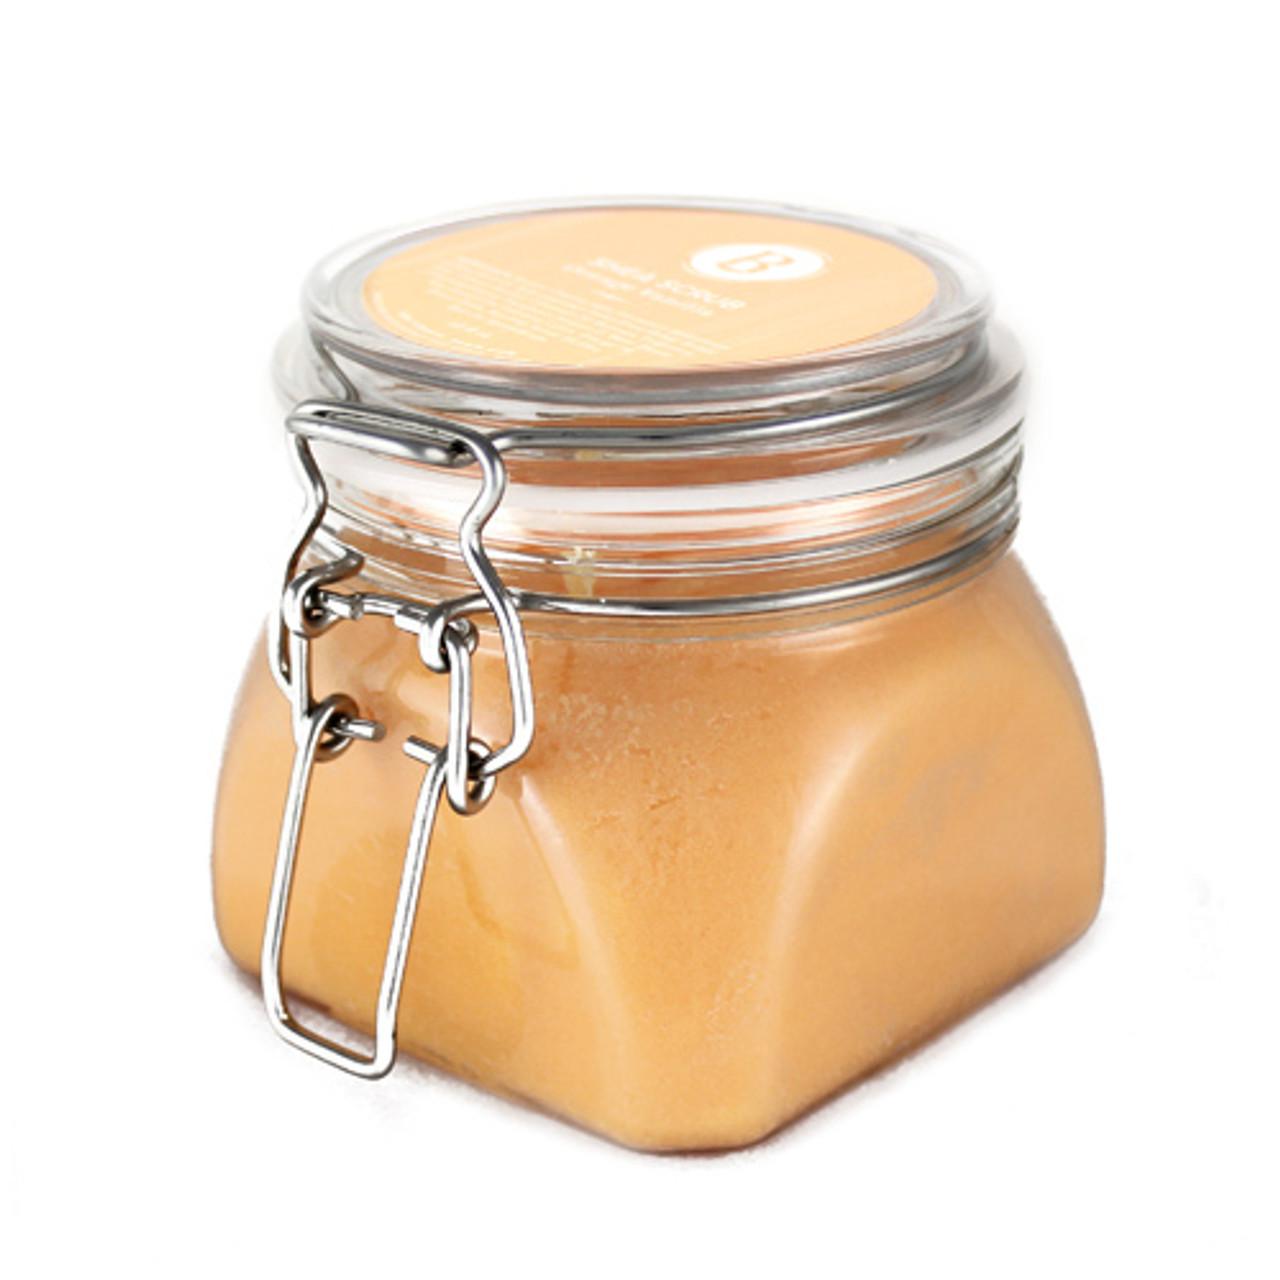 Orange Vanilla Shea Salt Scrub